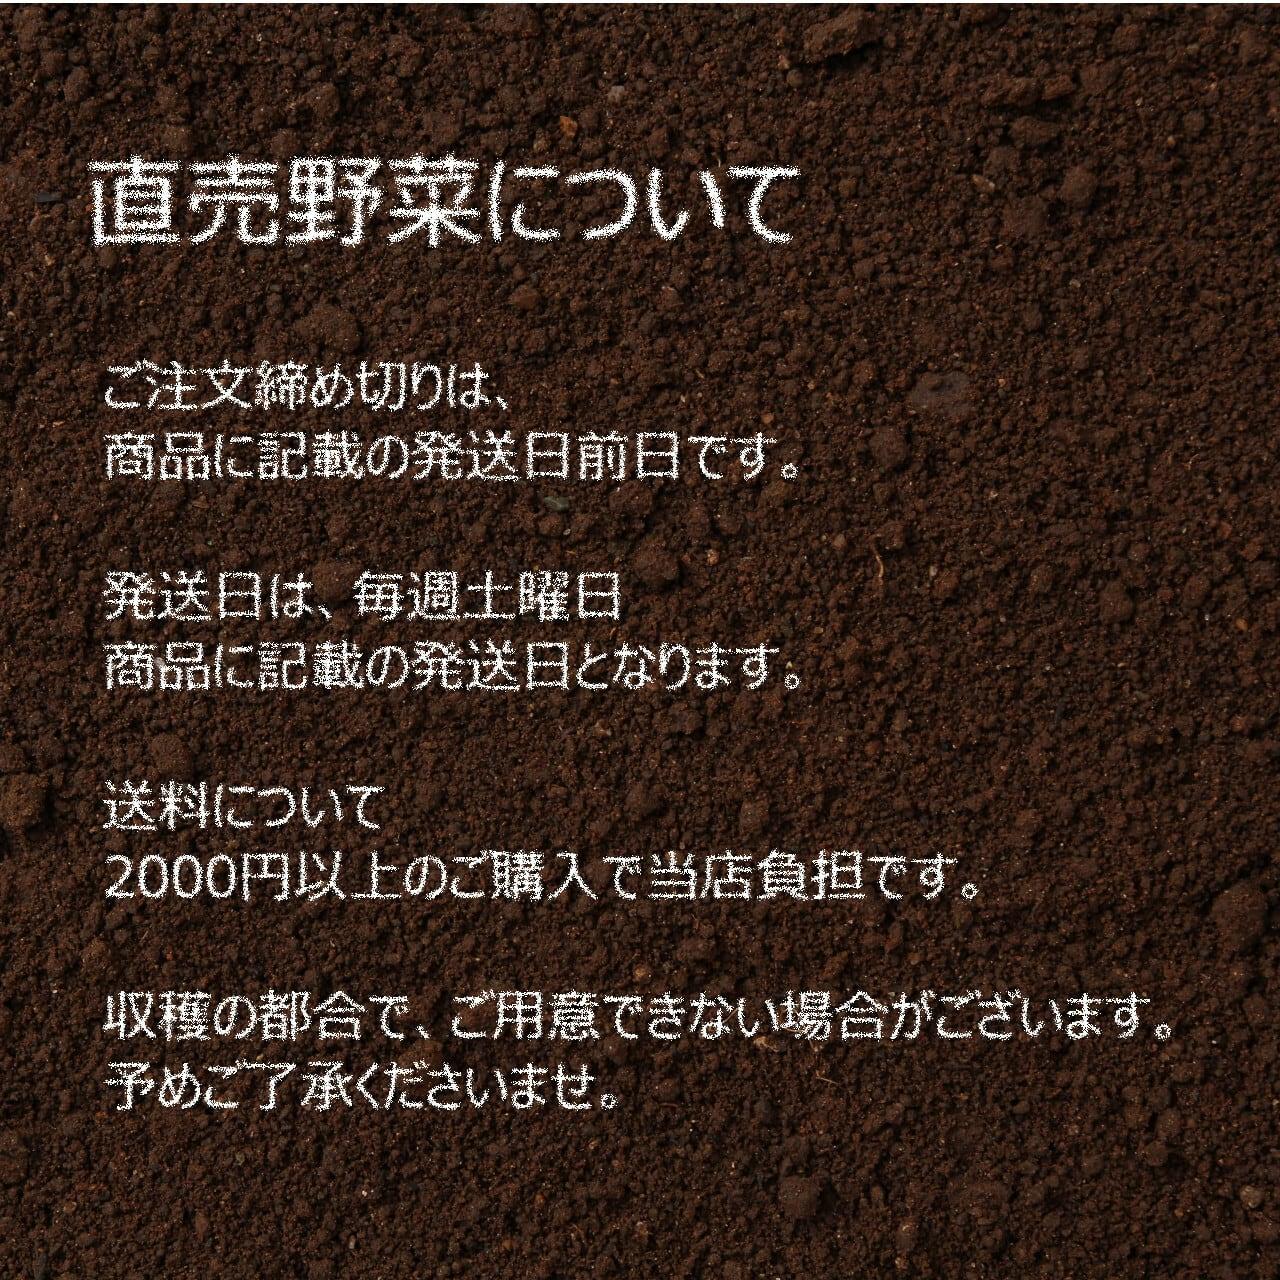 キュウリ 4~5本 朝採り直売野菜 : 7月の新鮮野菜 7月10日発送予定